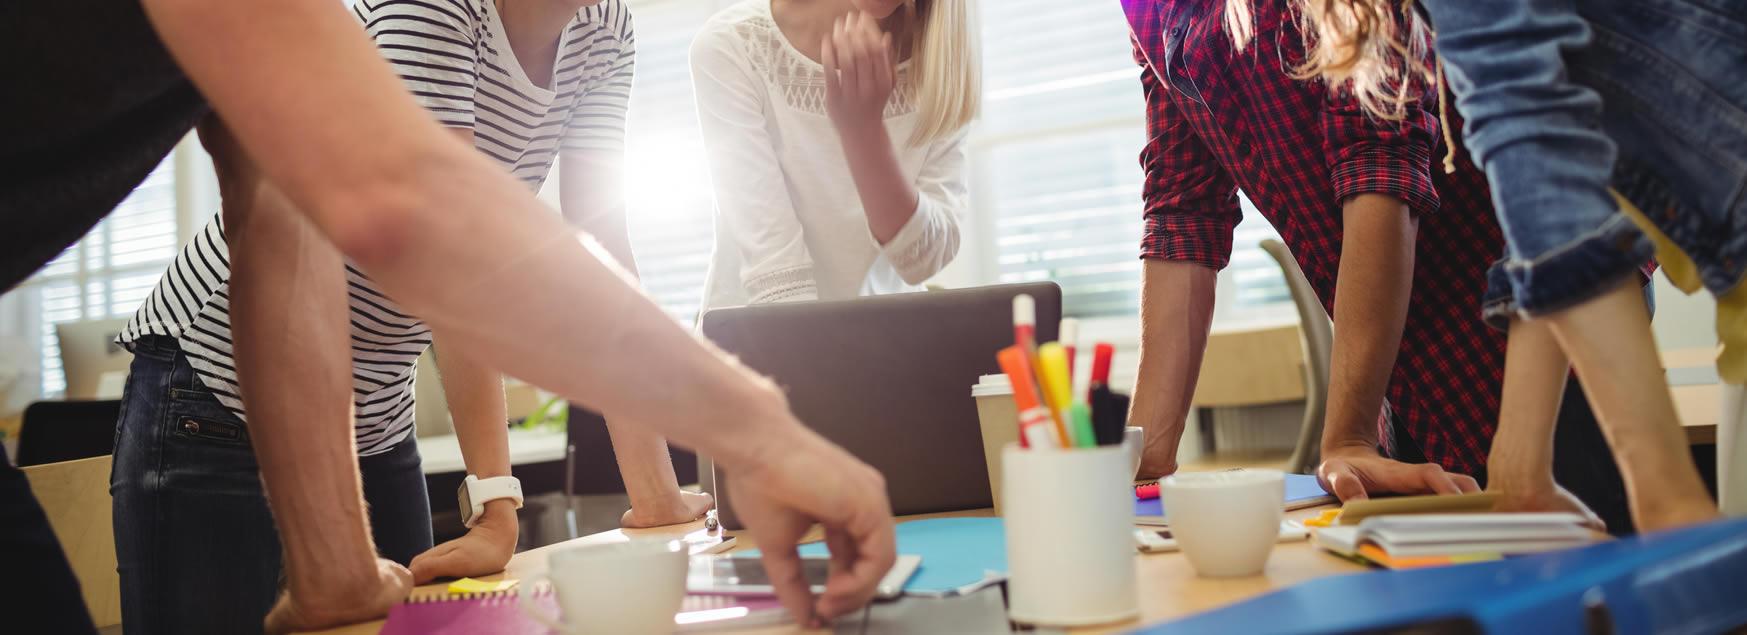 inovação - criatividade - reunião - grupo - Enap.jpg